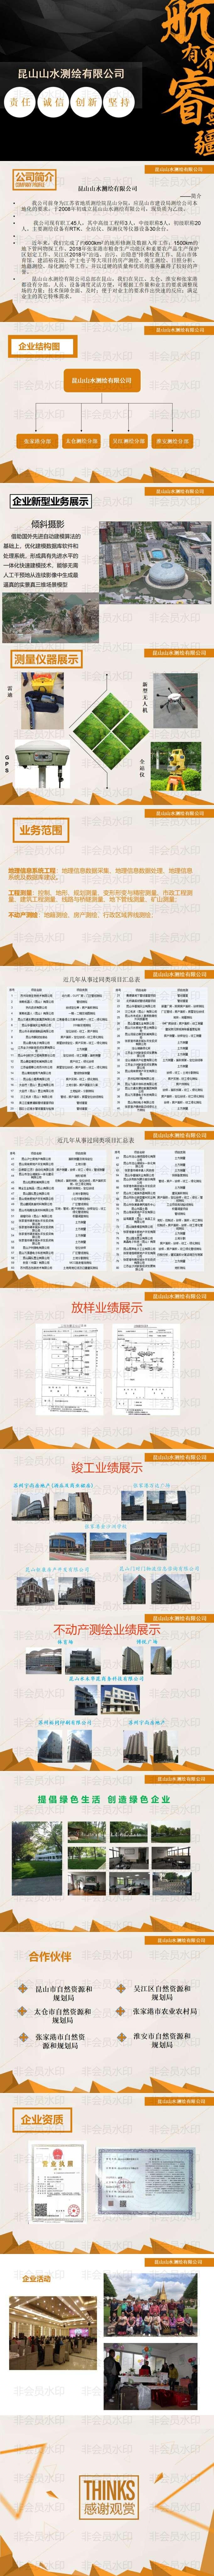 昆山山水测绘有限公司企业介绍PPT(最新版)20190723.jpg